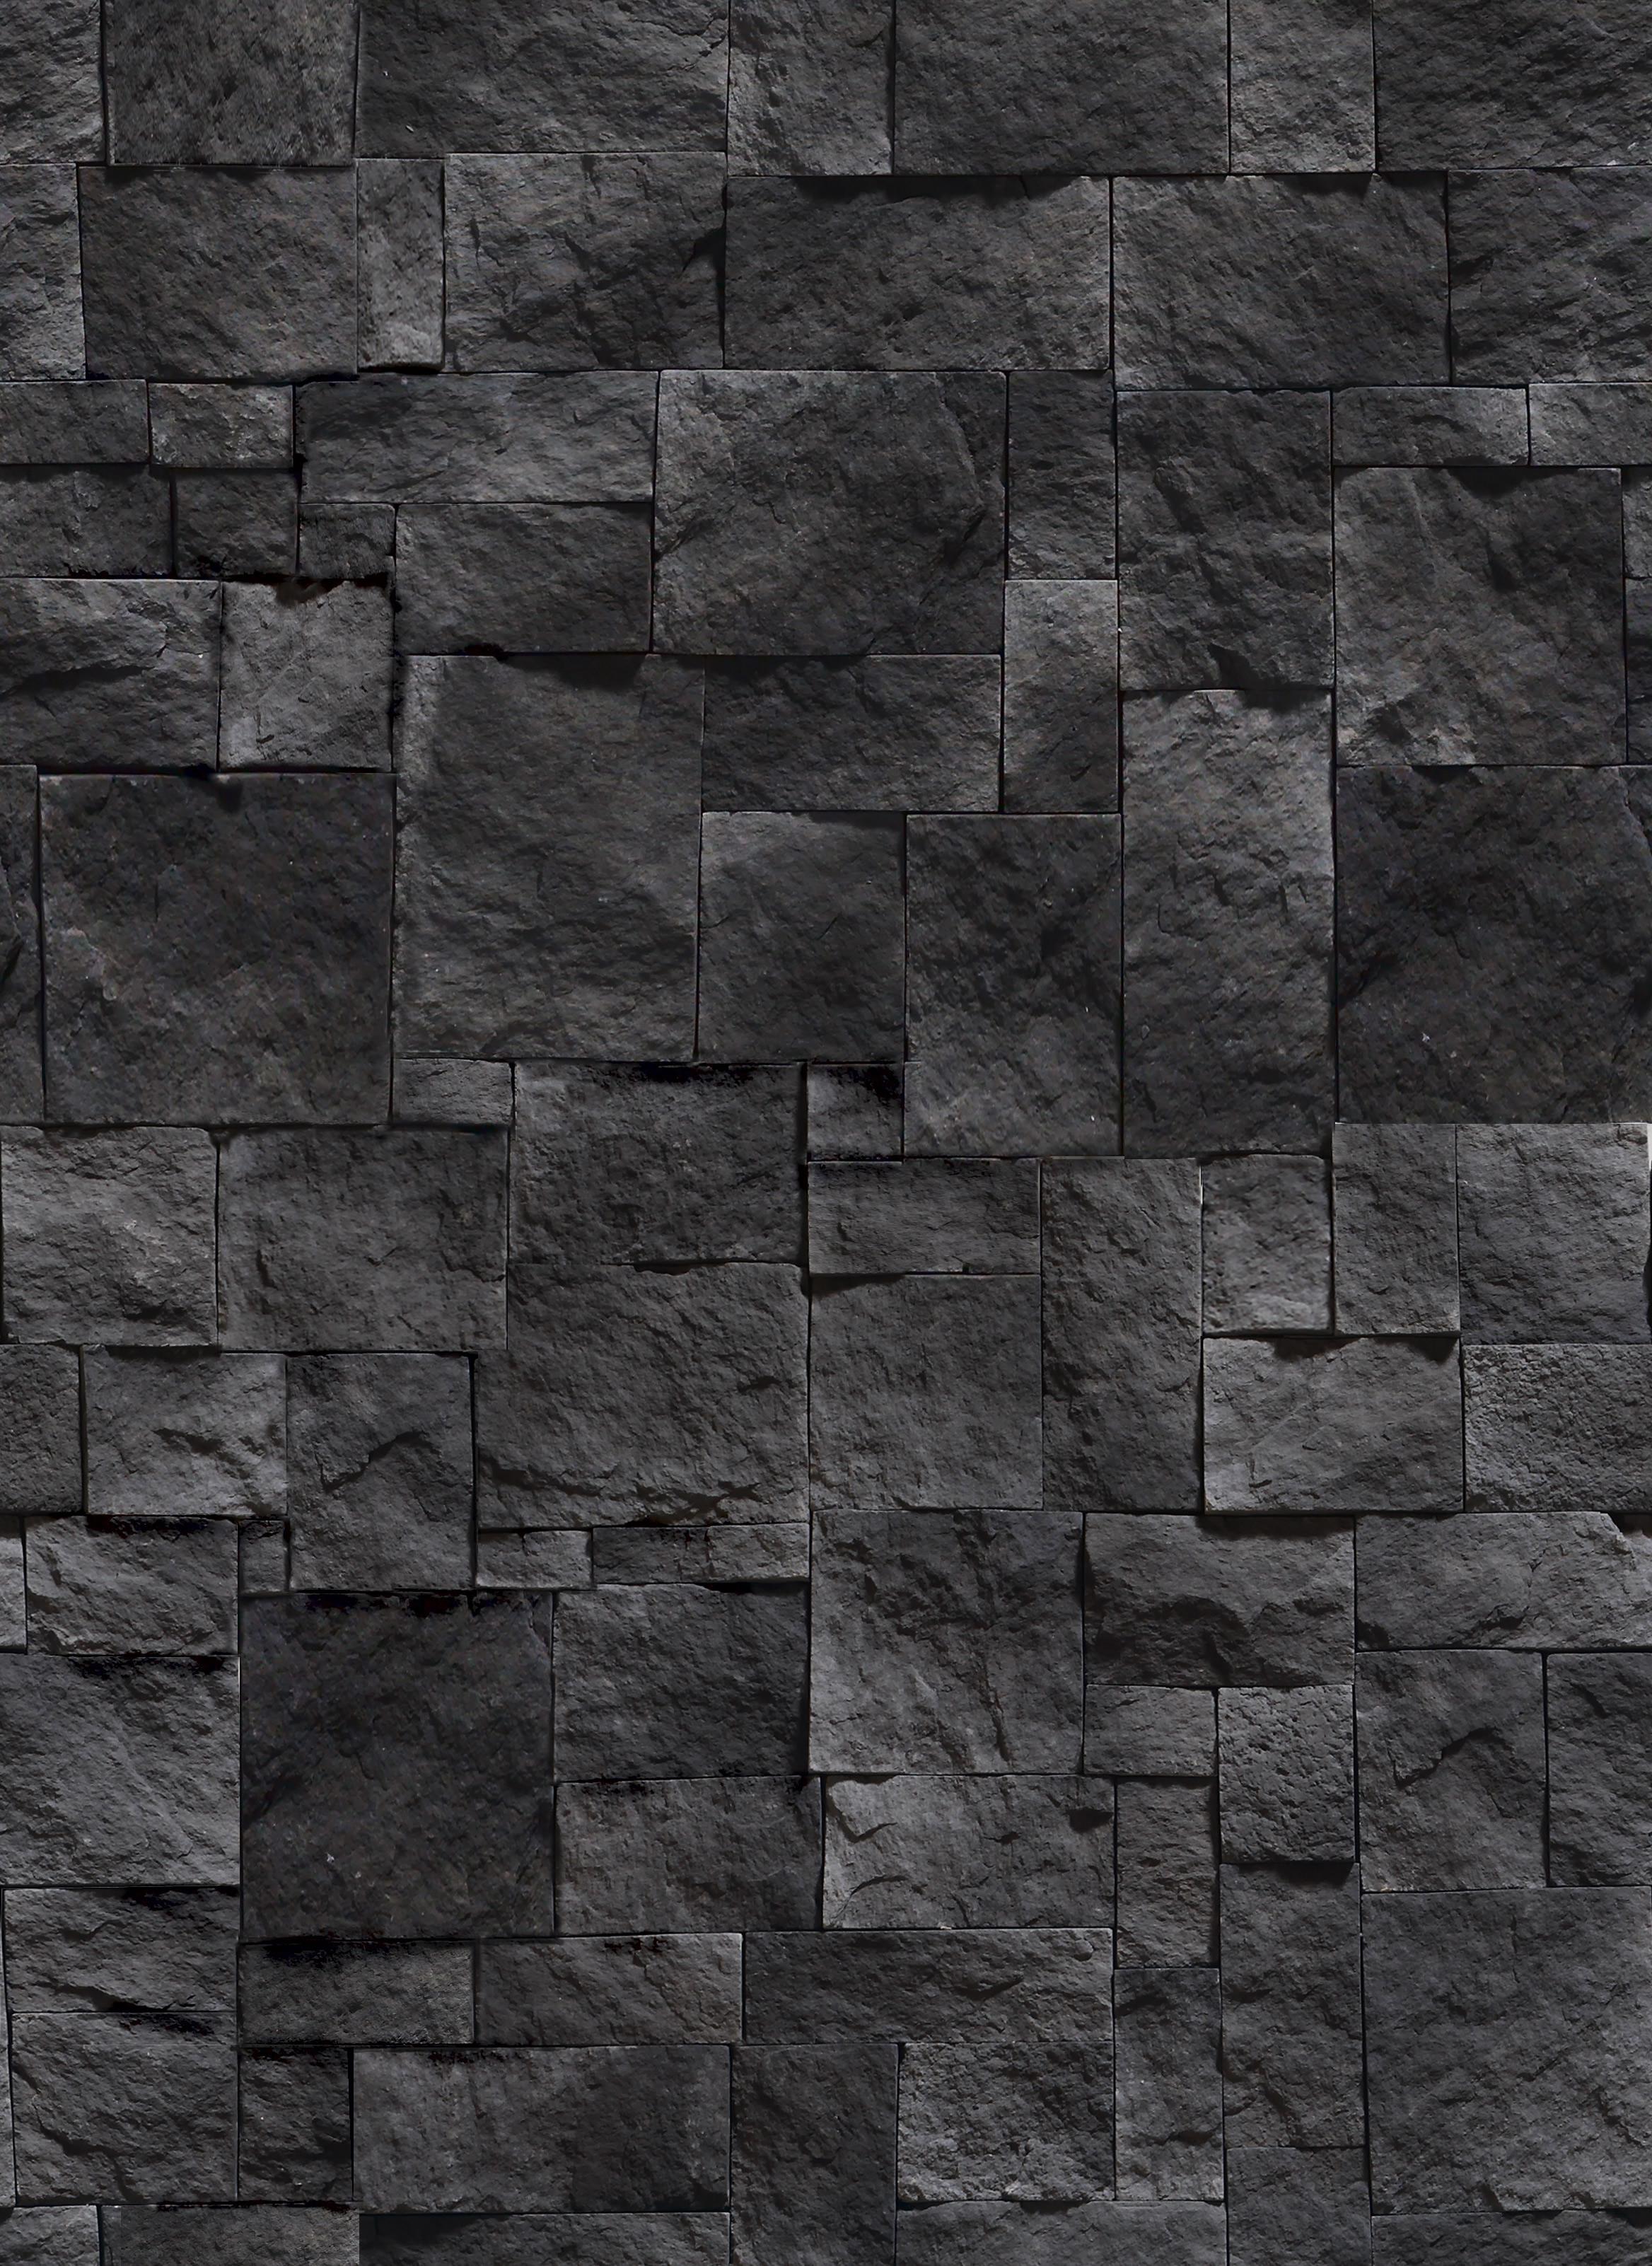 Black Stone Photo Background